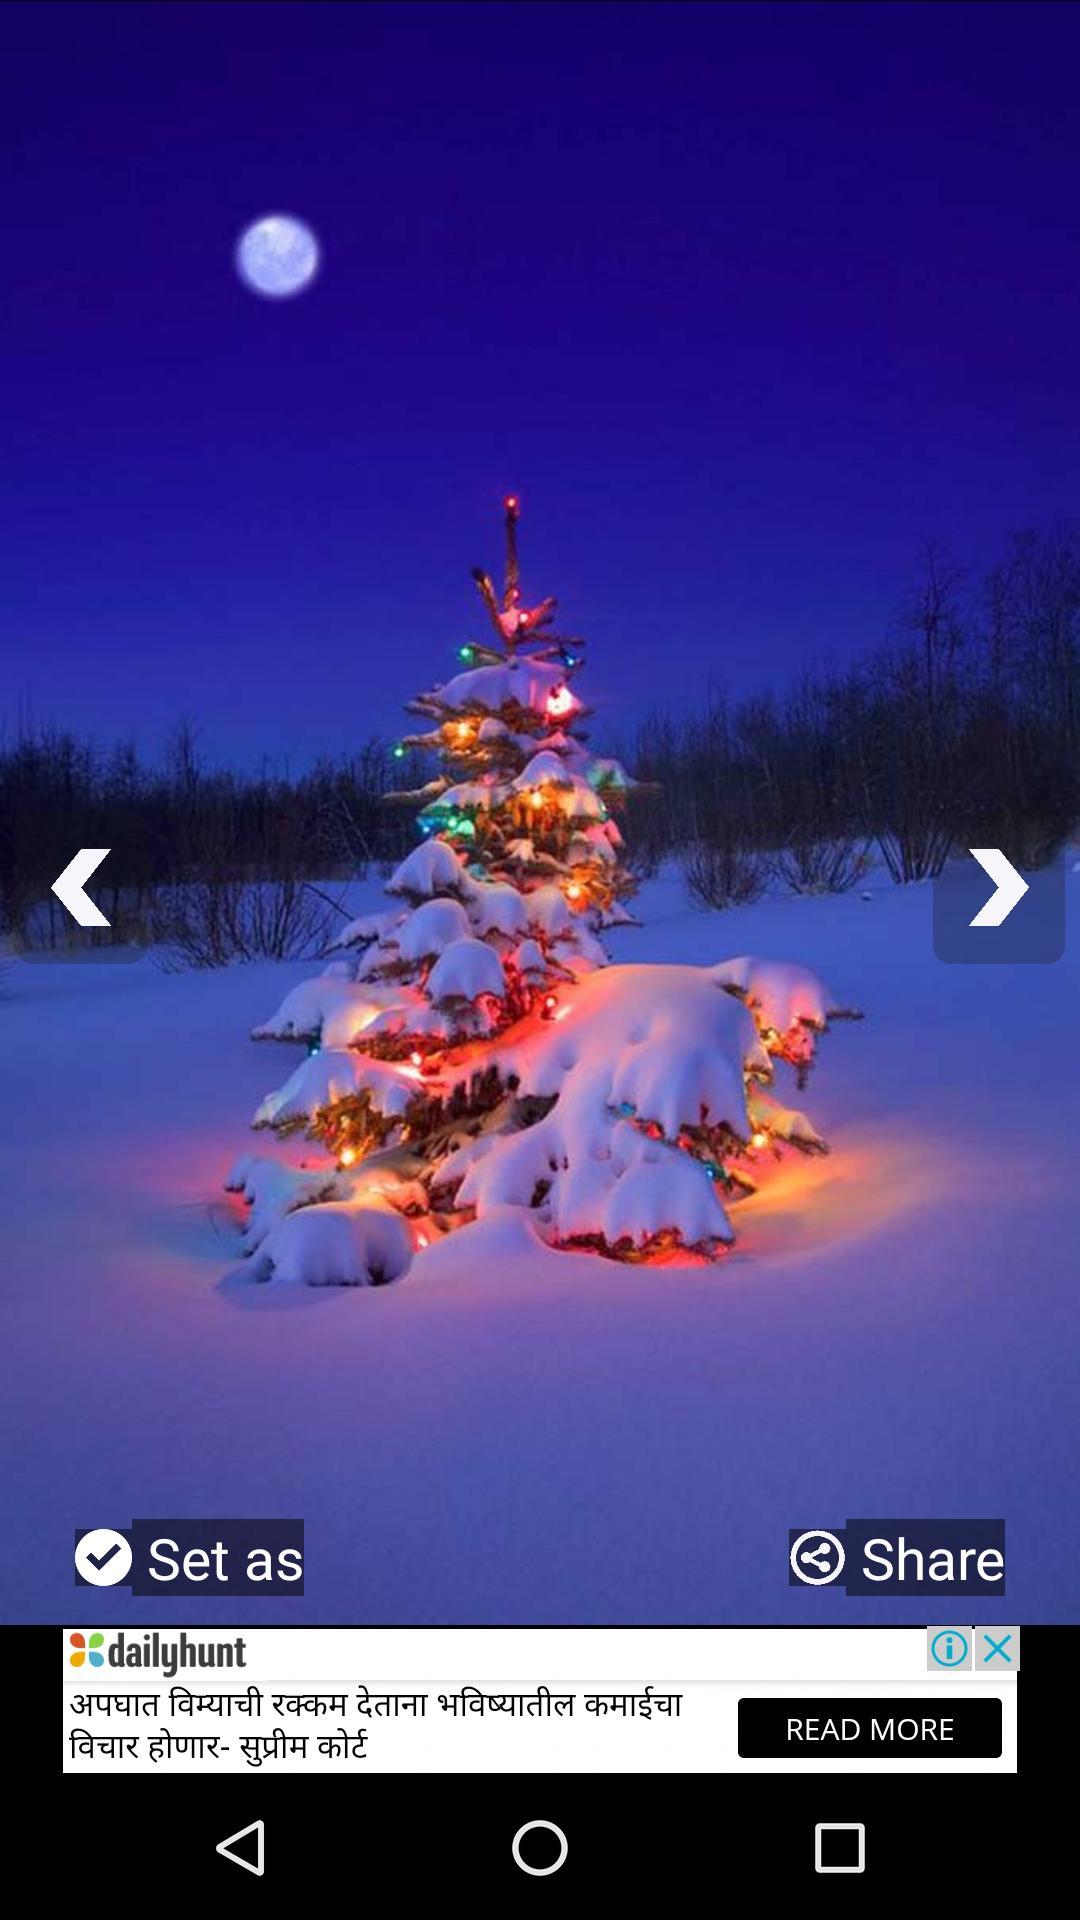 Christmas Hd Wallpaper For Android.Christmas Hd Wallpaper For Android Apk Download